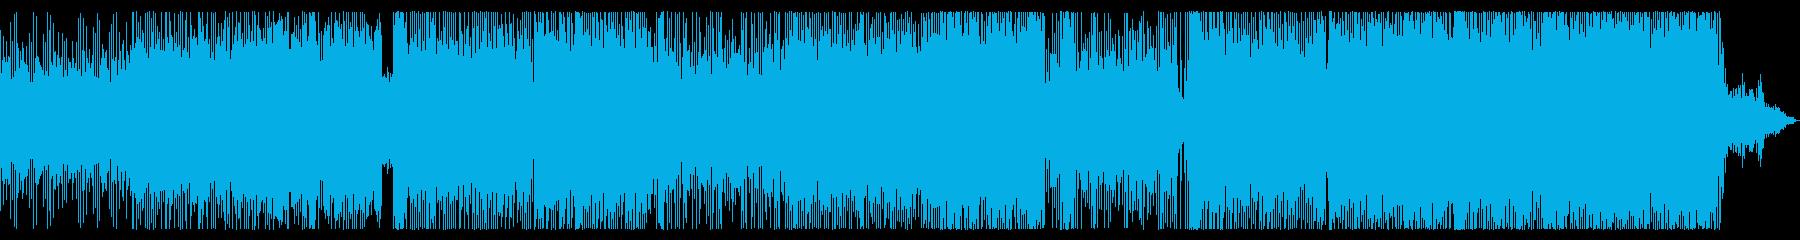 三味線生演奏、和風エレクトロの再生済みの波形